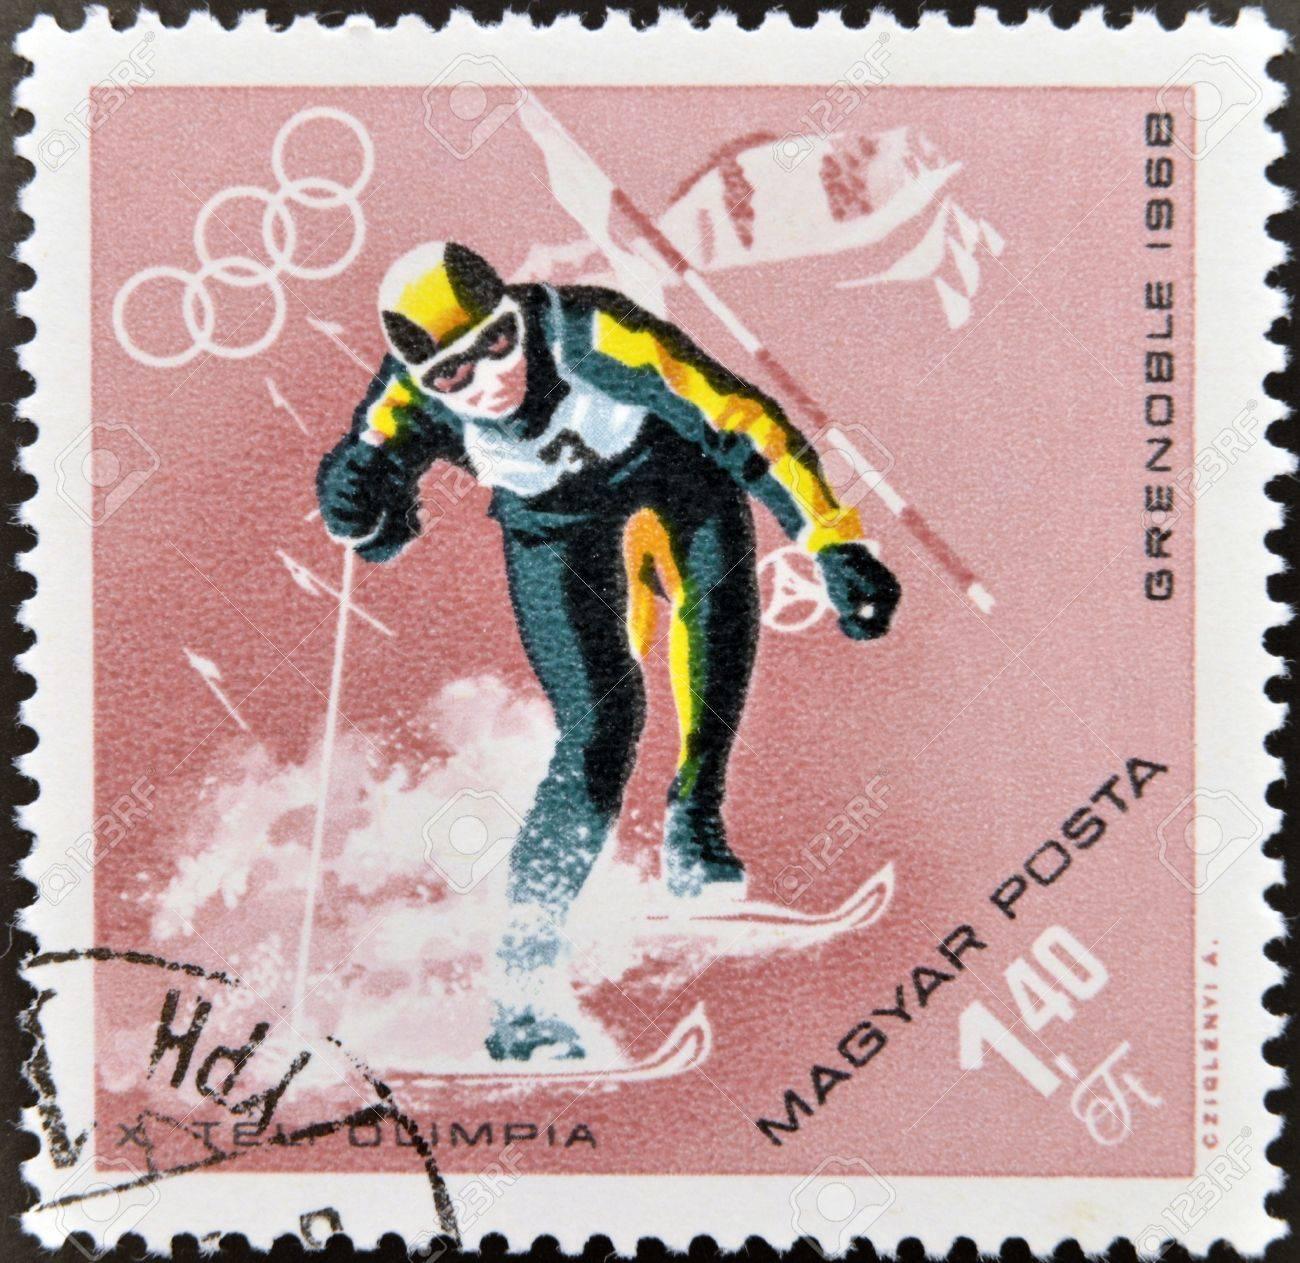 1968年グルノーブルオリンピックのアルペンスキー競技